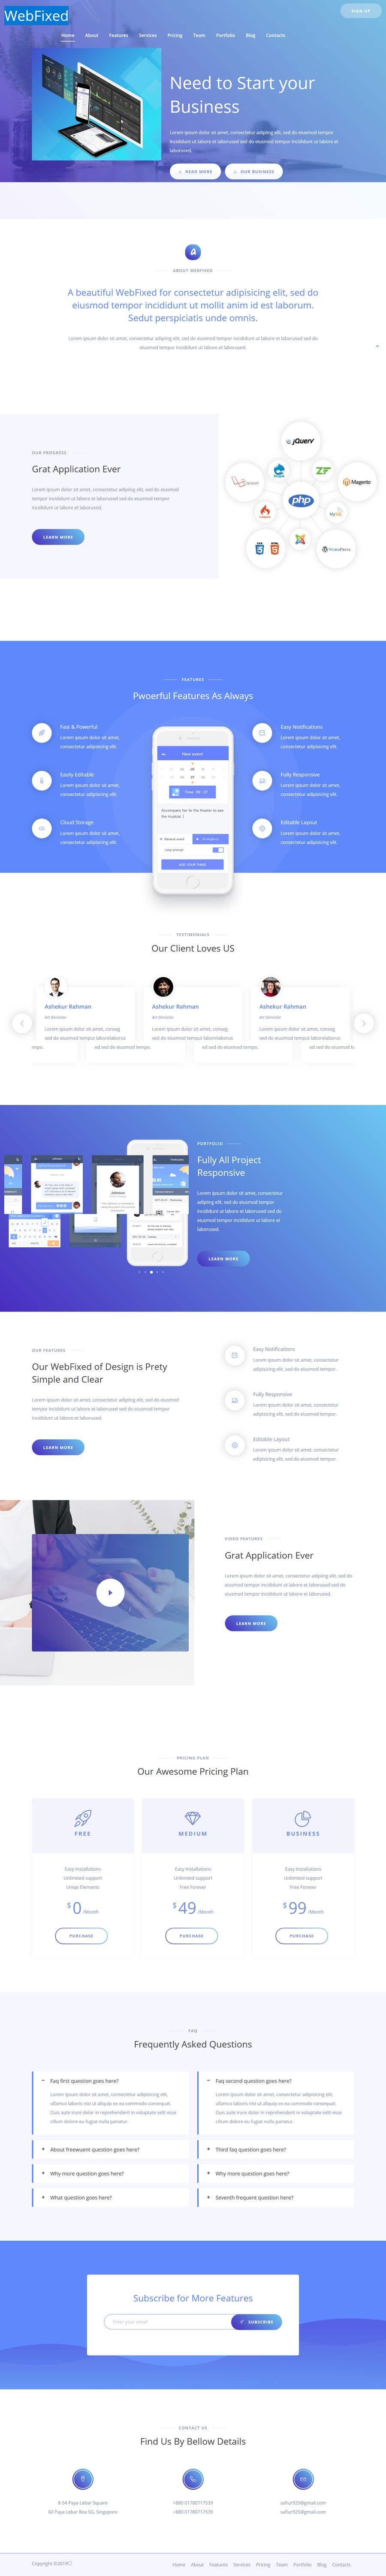 Bài tham dự cuộc thi #16 cho Design mobile and web app